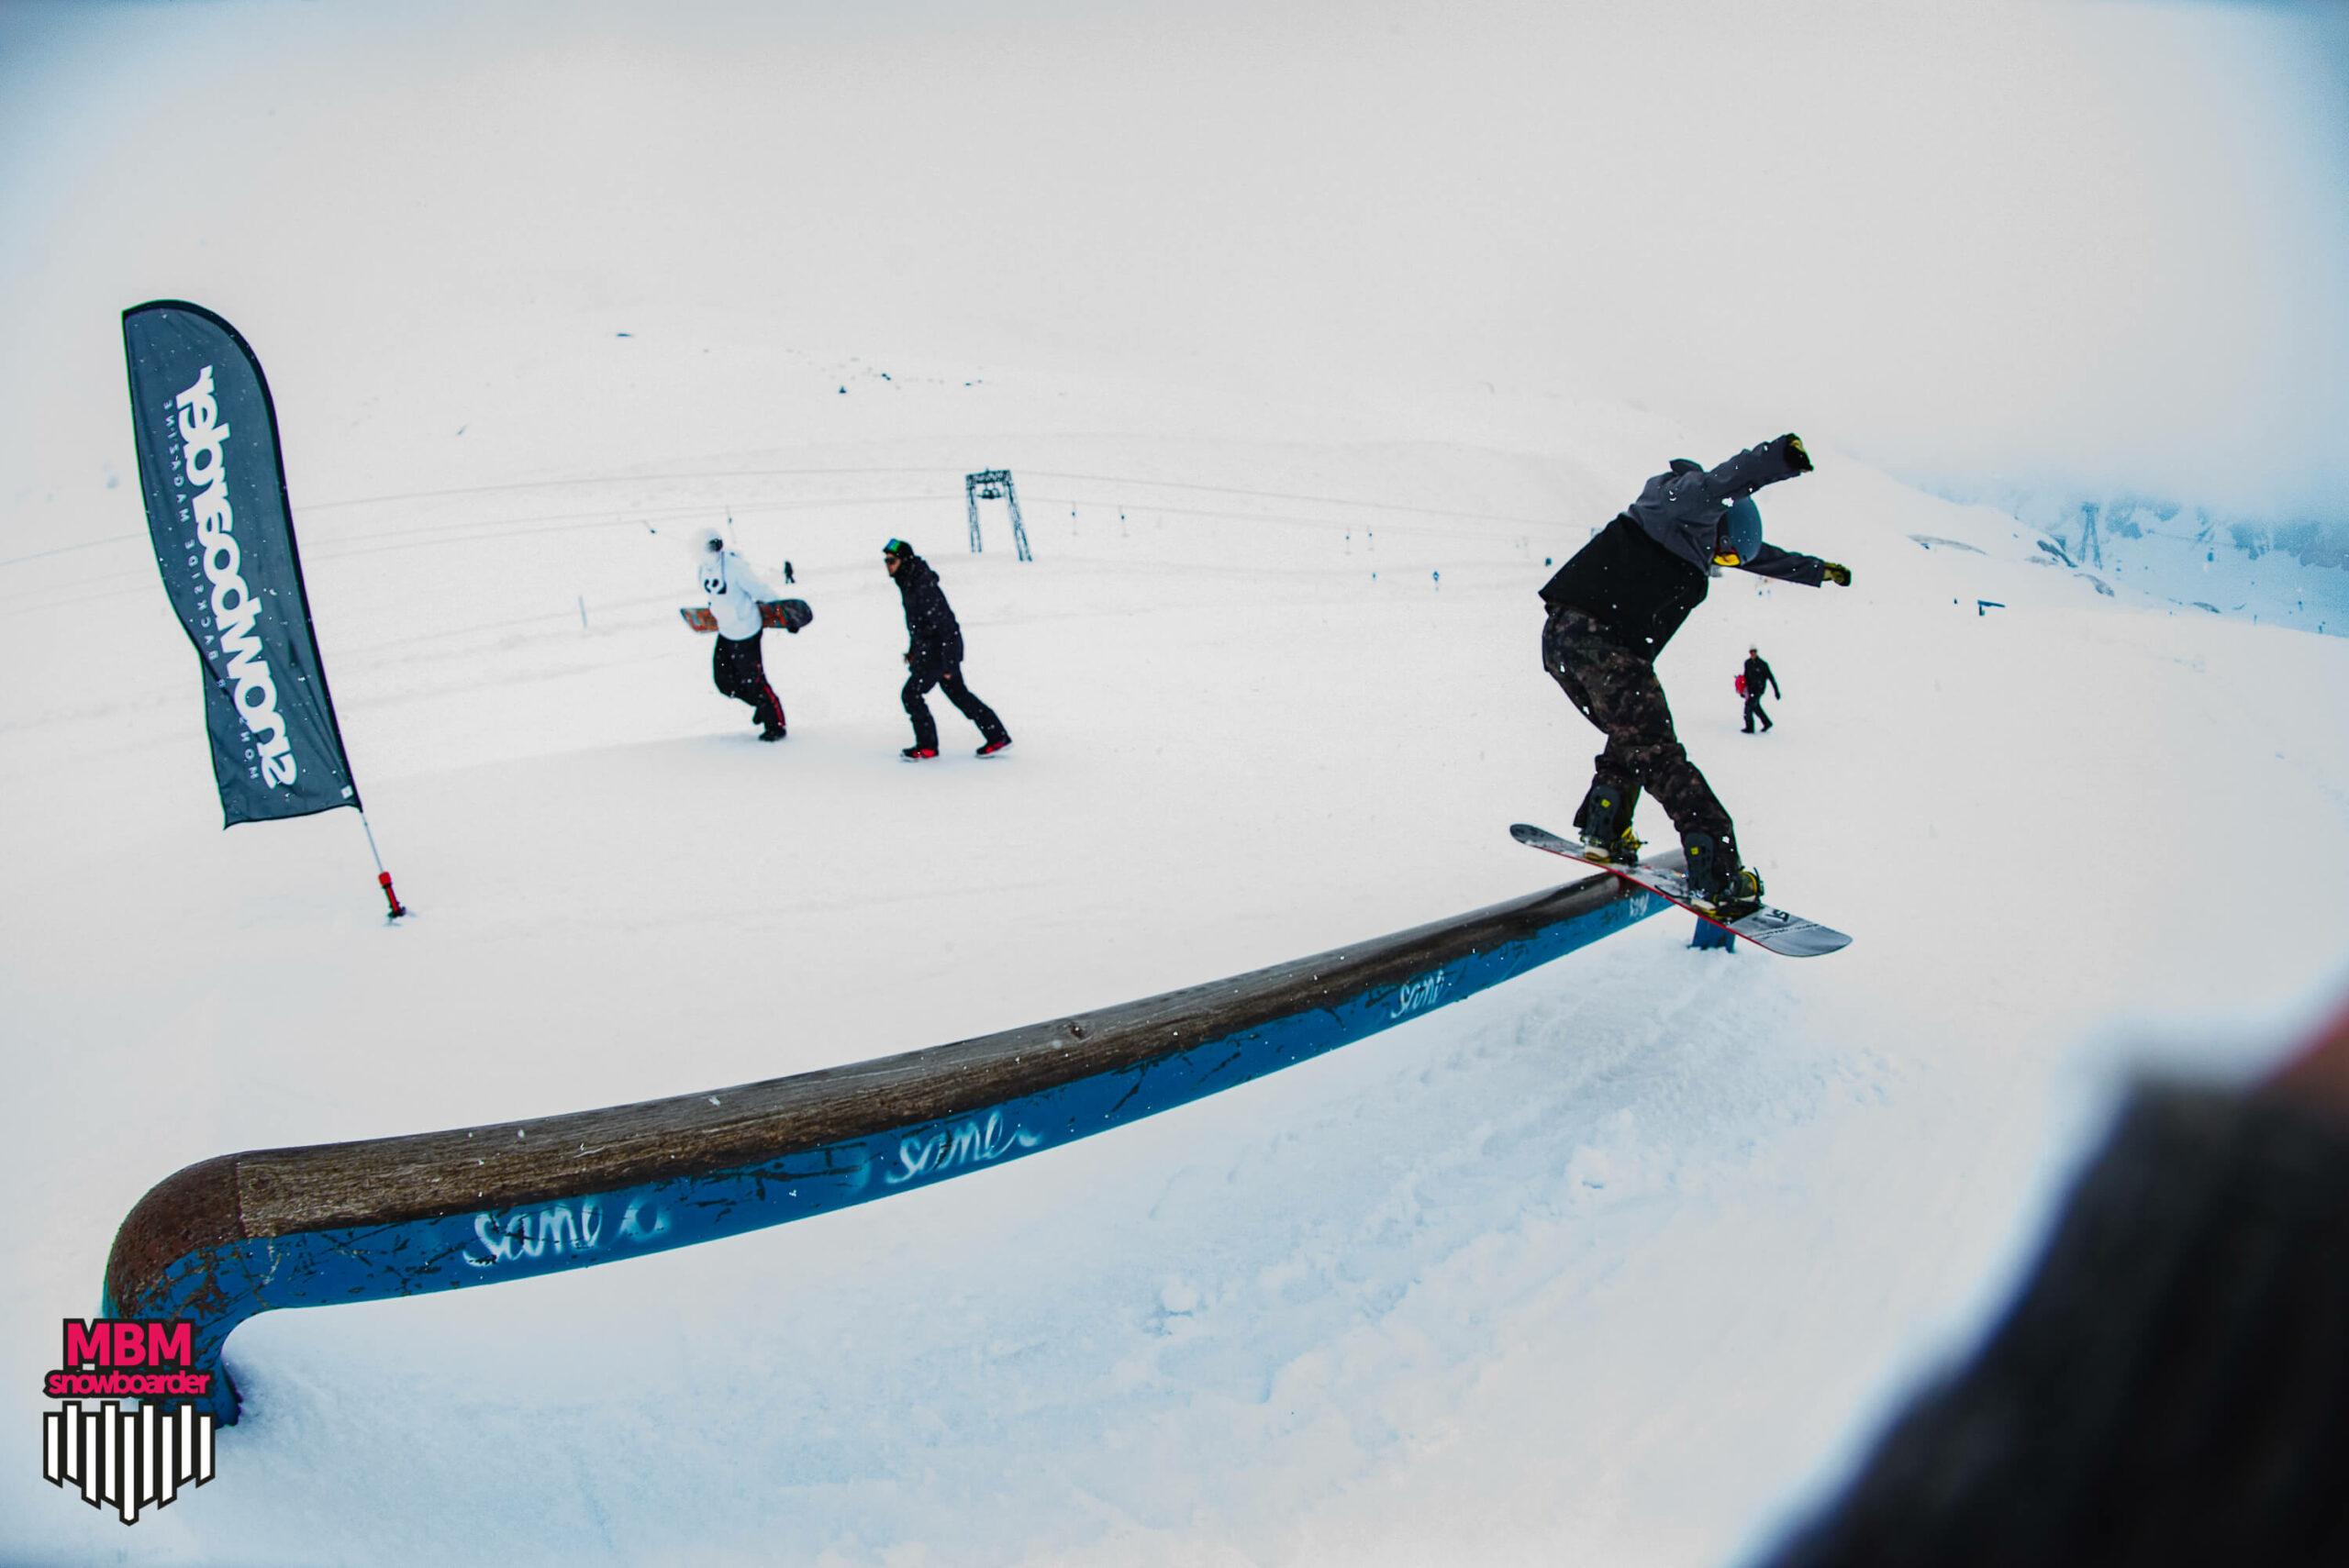 snowboarderMBM_sd_kaunertal_097